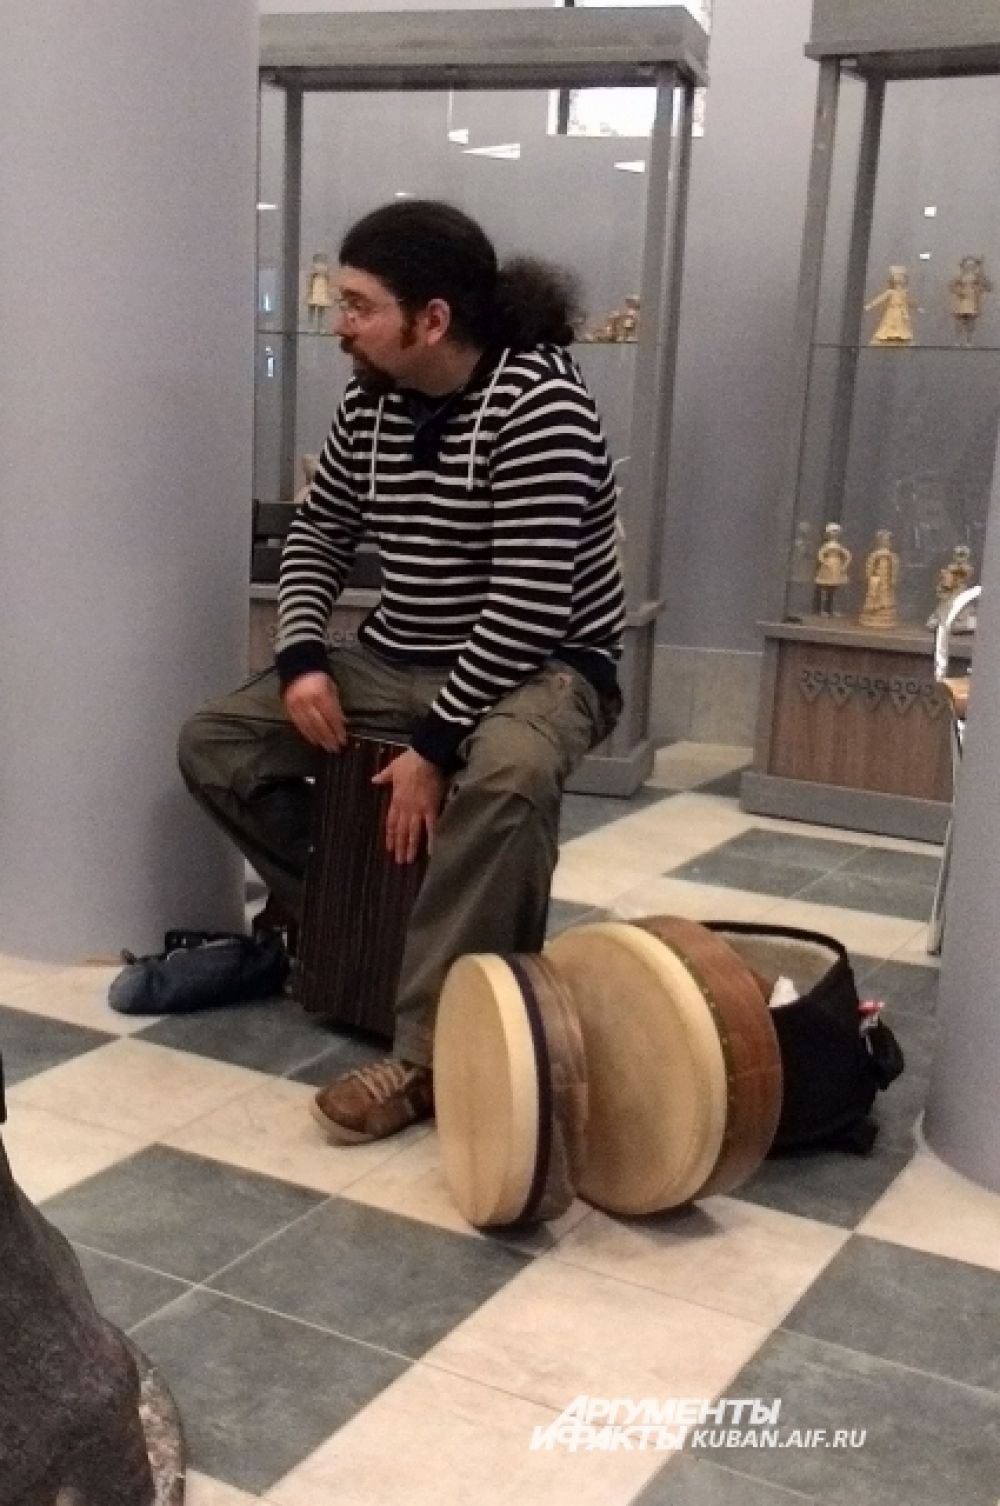 Мастер-класс Алексея Байрамова. То, на чем он сидит, - не табуретка, а очень популярный сегодня музыкальный инструмент кахон.